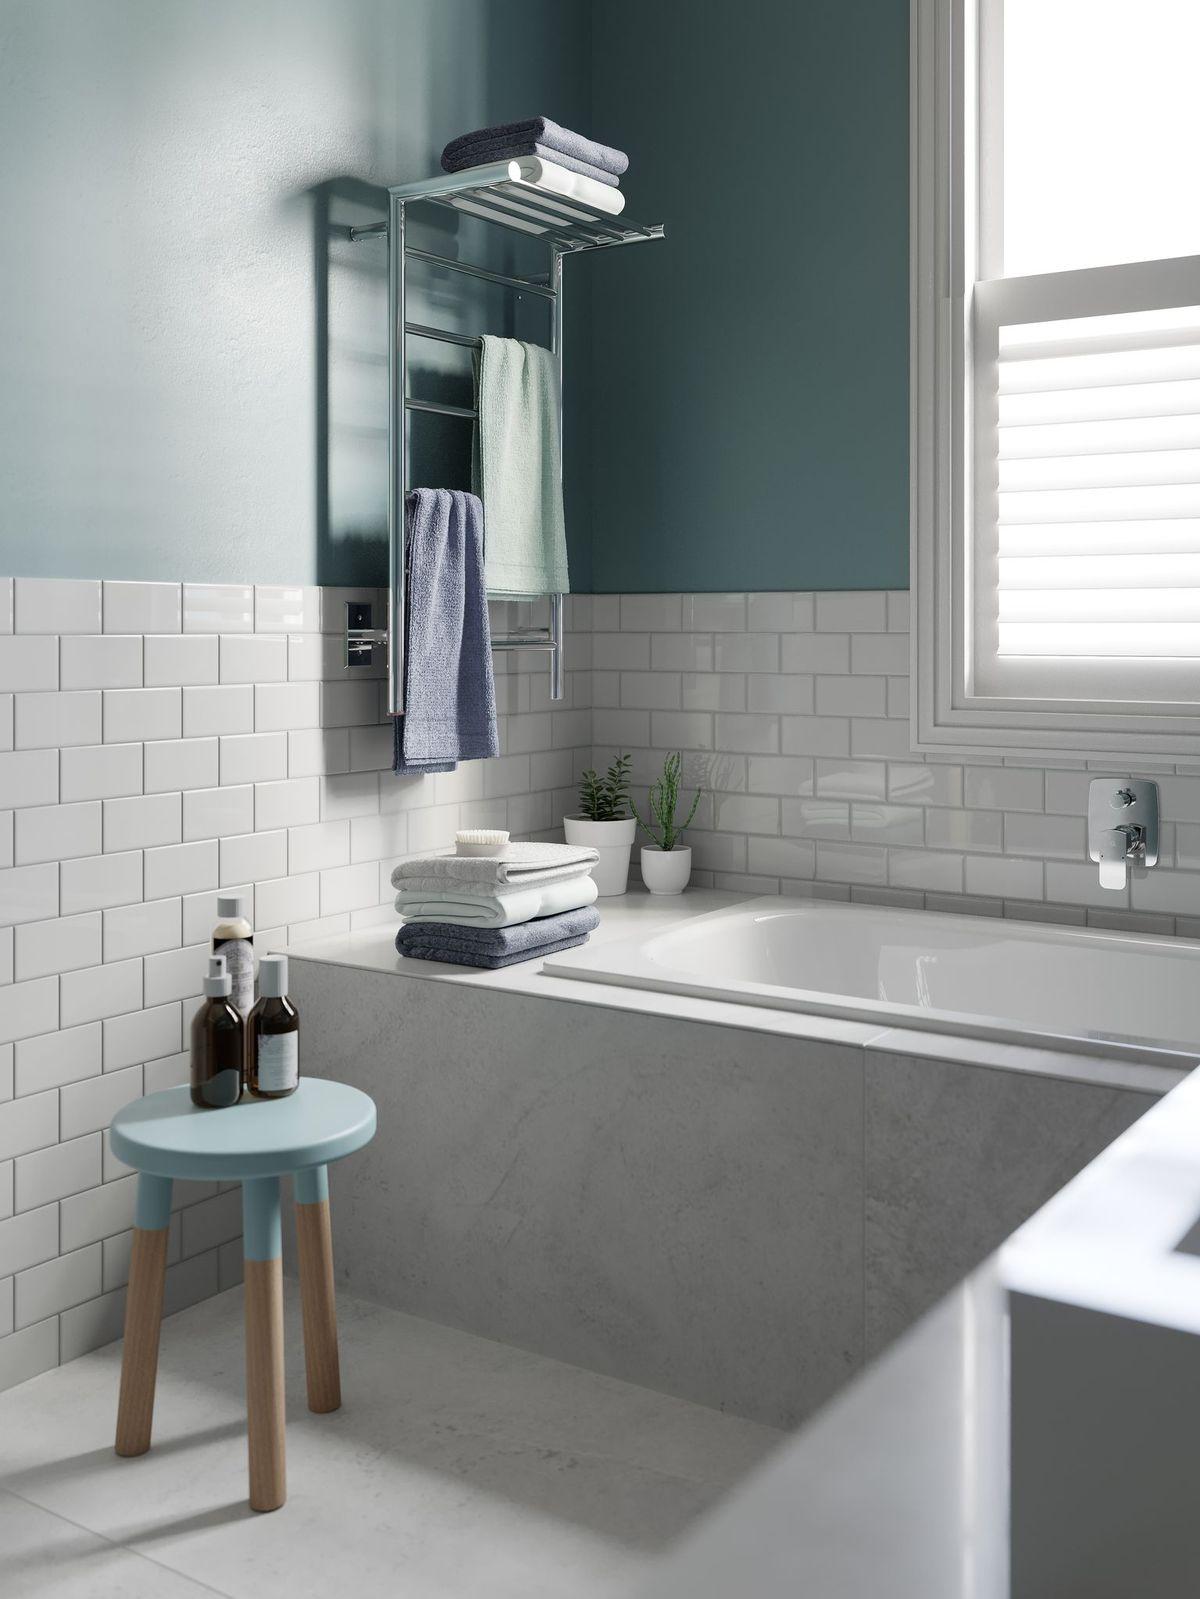 Bathroom Interior Designer in Meerut - www.aasifinterior.com